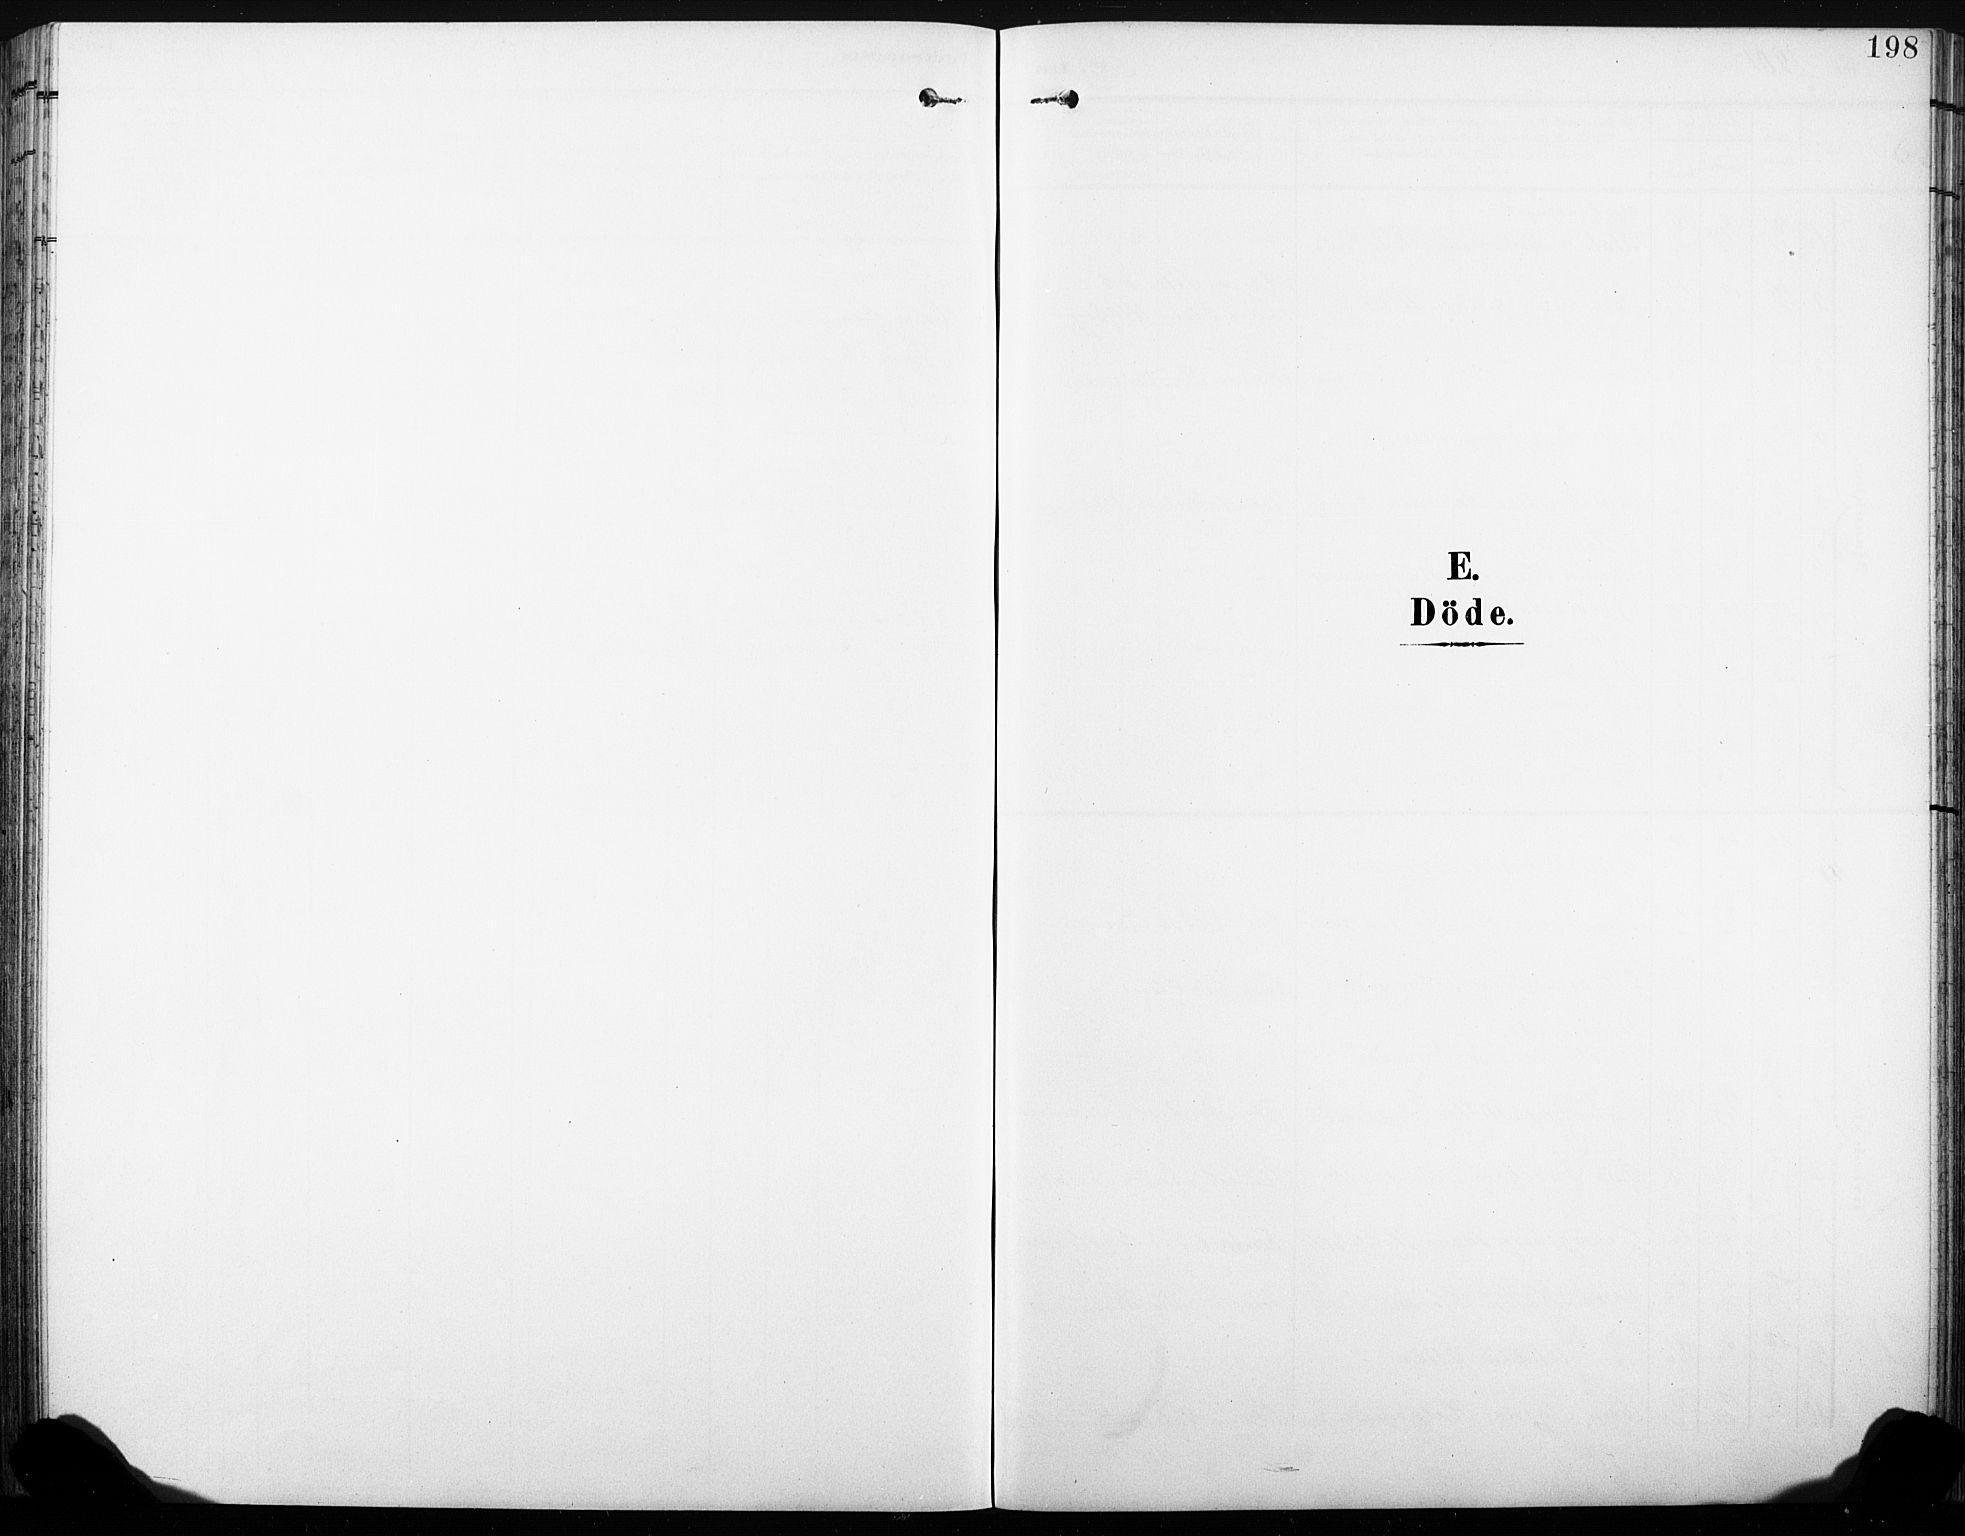 SAKO, Sandsvær kirkebøker, G/Gd/L0004a: Klokkerbok nr. IV 4A, 1901-1932, s. 198